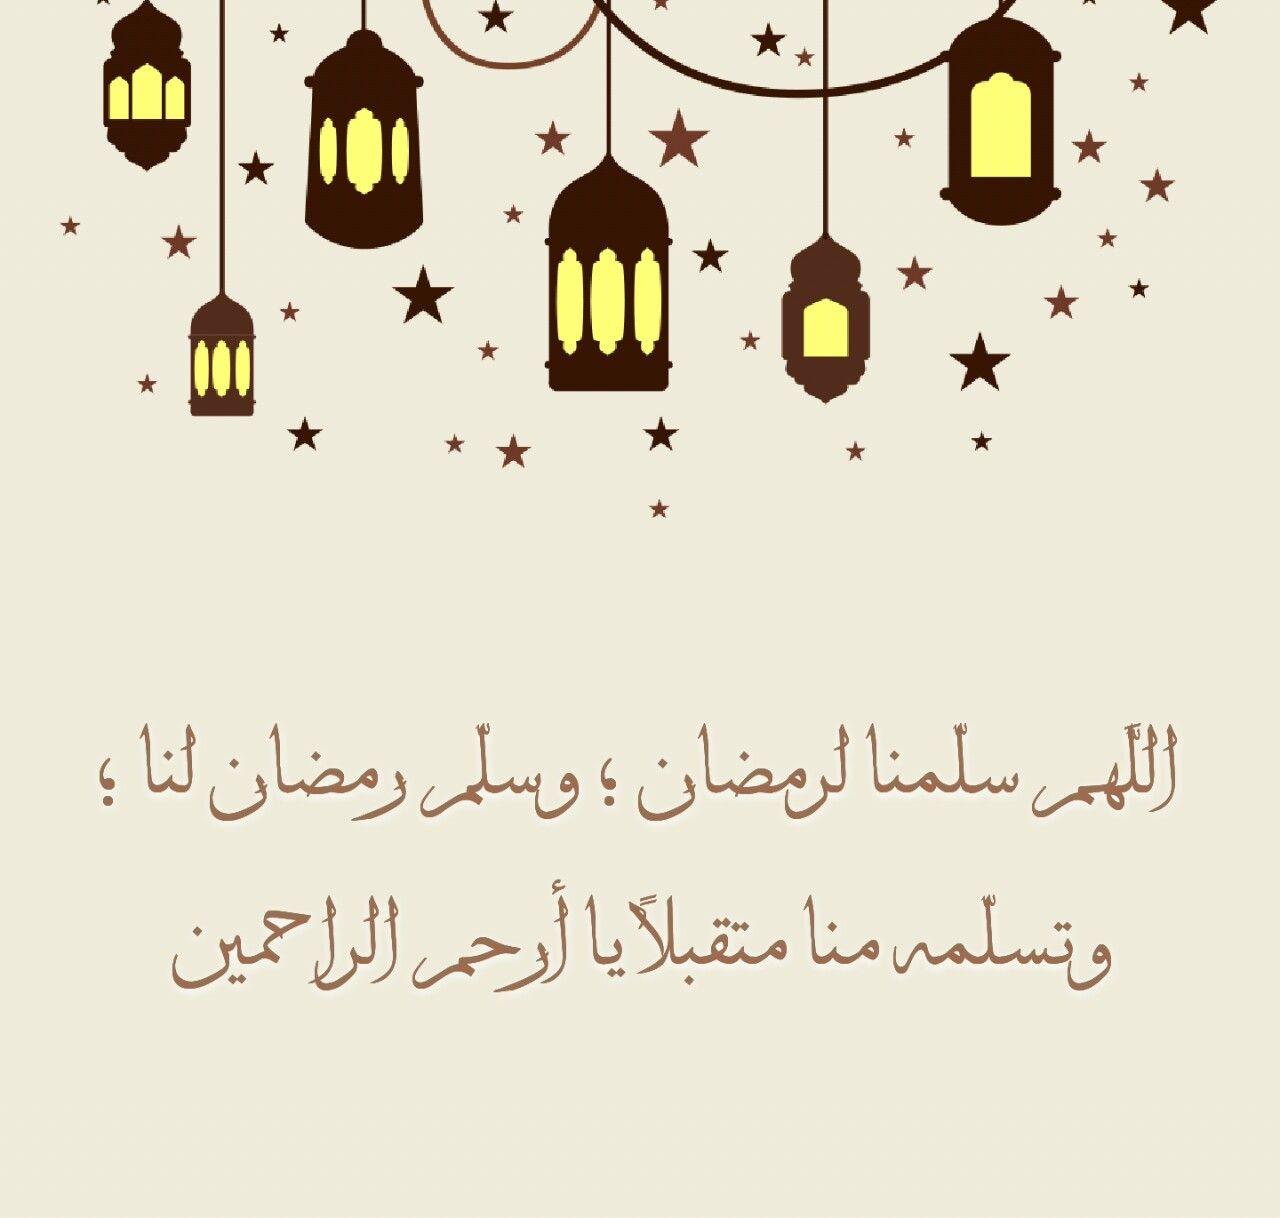 ـہط ل Omamir الل هم سل منا لرمضان و سل م رمضان لنا Ramadan Cards Ramadan Crafts Ramadan Decorations